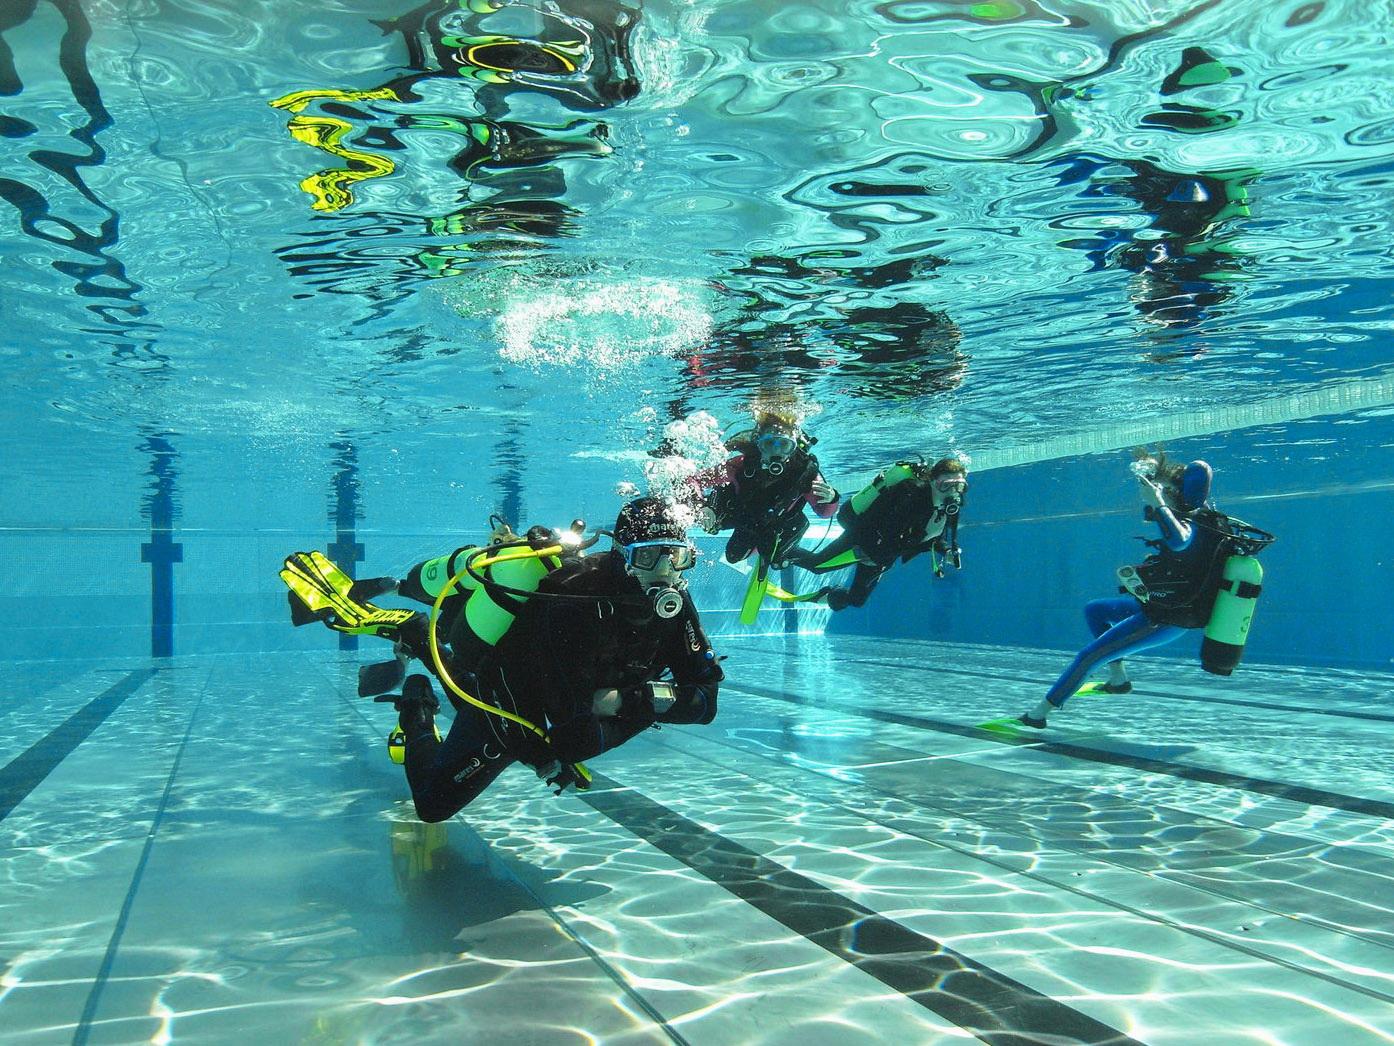 Schwimmbad - Übungsraum beim Bubblemaker